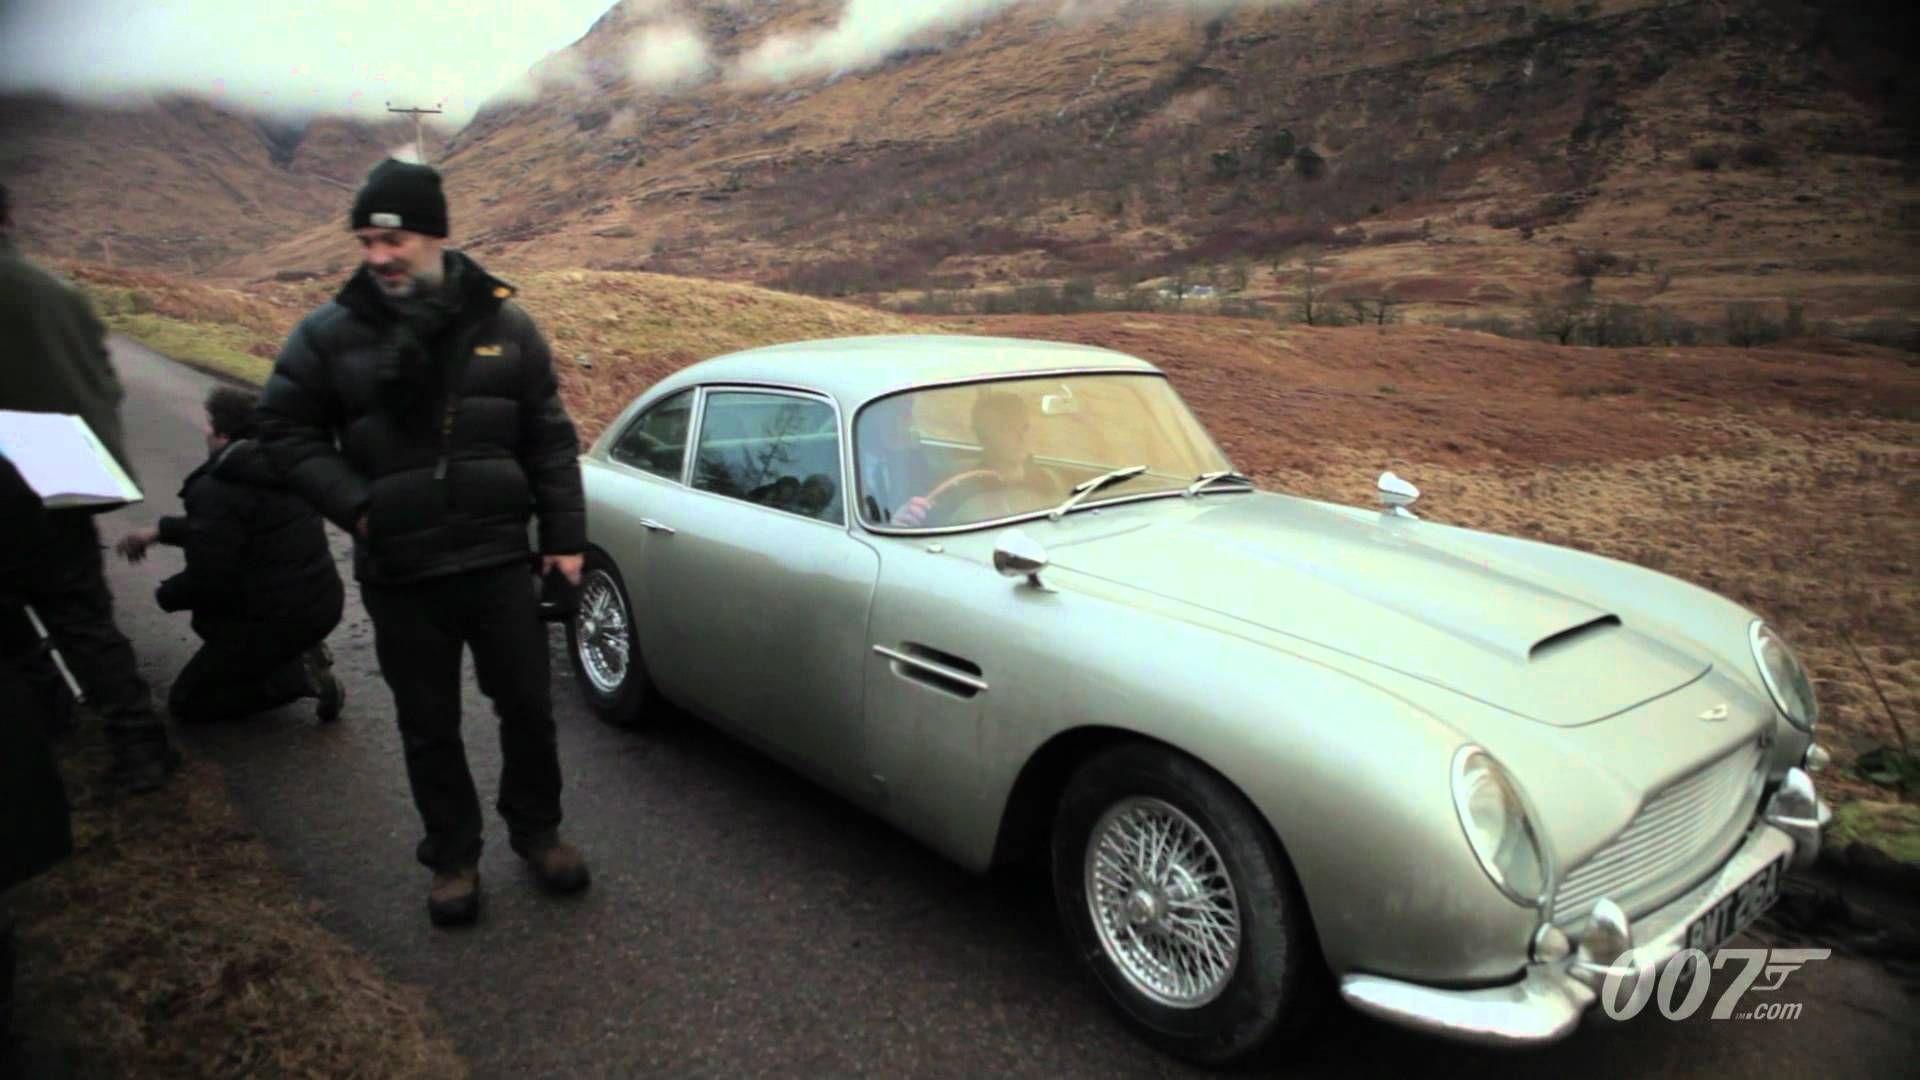 Aston Martin Db5 Skyfall Wallpaper